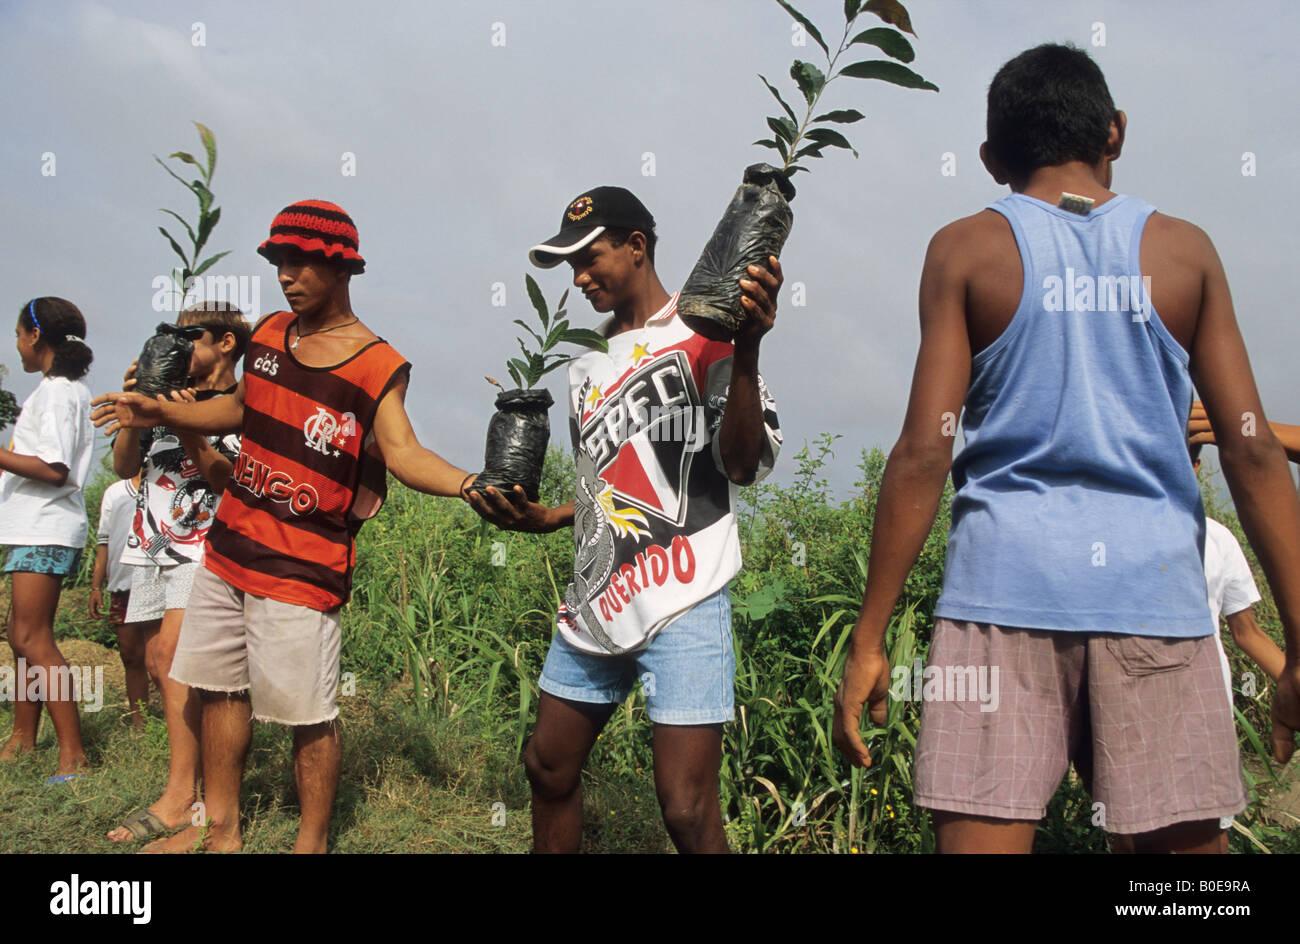 Selva remota selva descarga Comunidad plantones de árboles para reforestar una zona de la deforestación Imagen De Stock